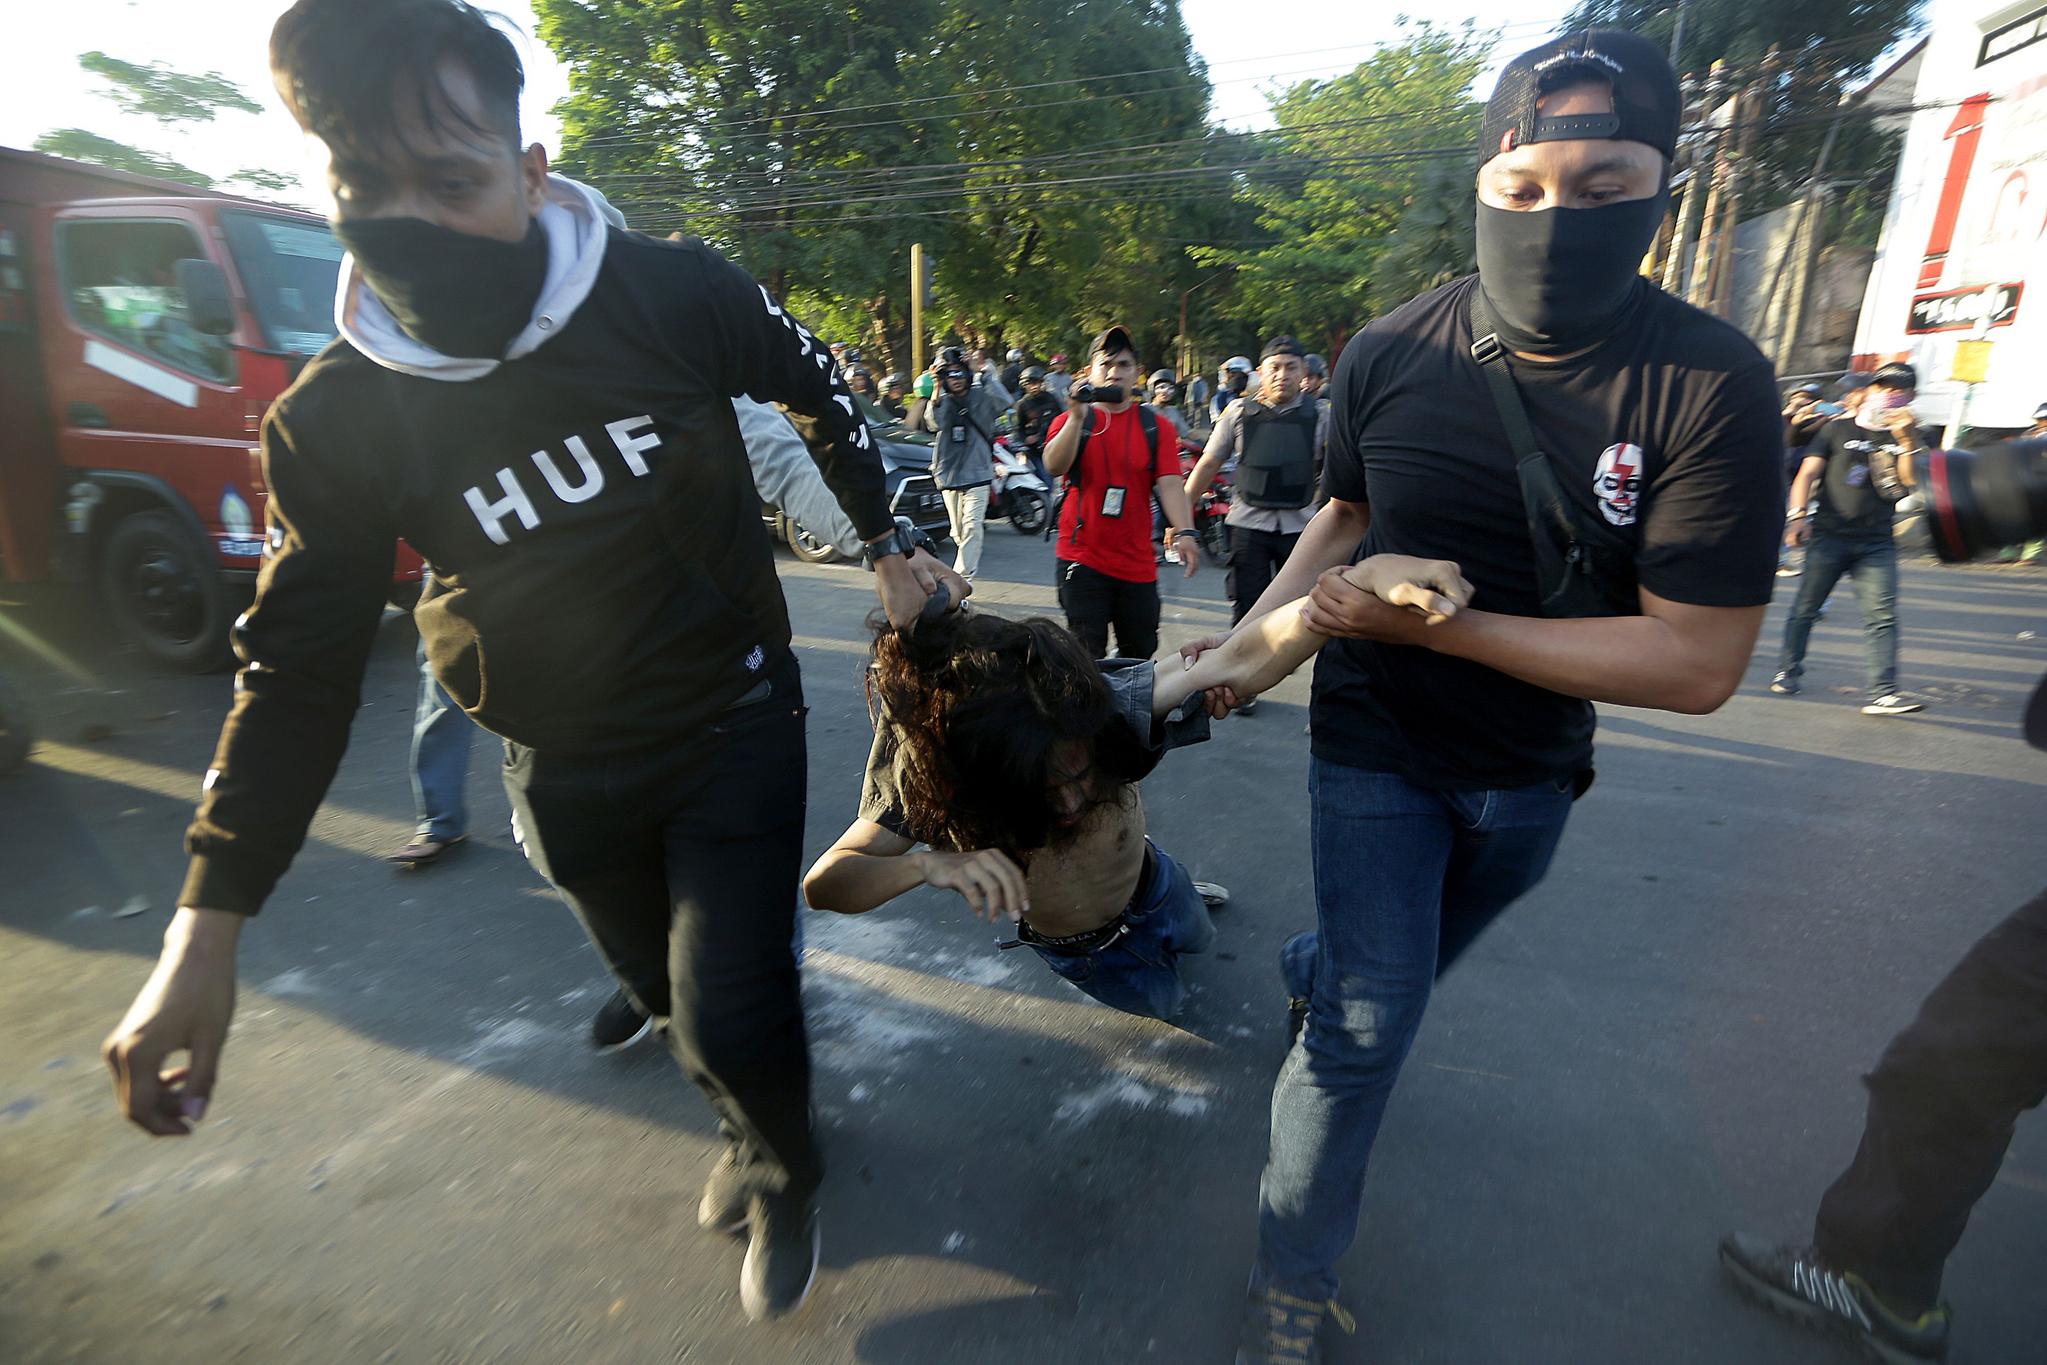 26일(현지시간) 인도네시아 술라웨시 마카사르의 대학 캠퍼스 앞에서 한 시위자가 사복 경찰에게 끌려가고 있다. [AFP=연합뉴스]